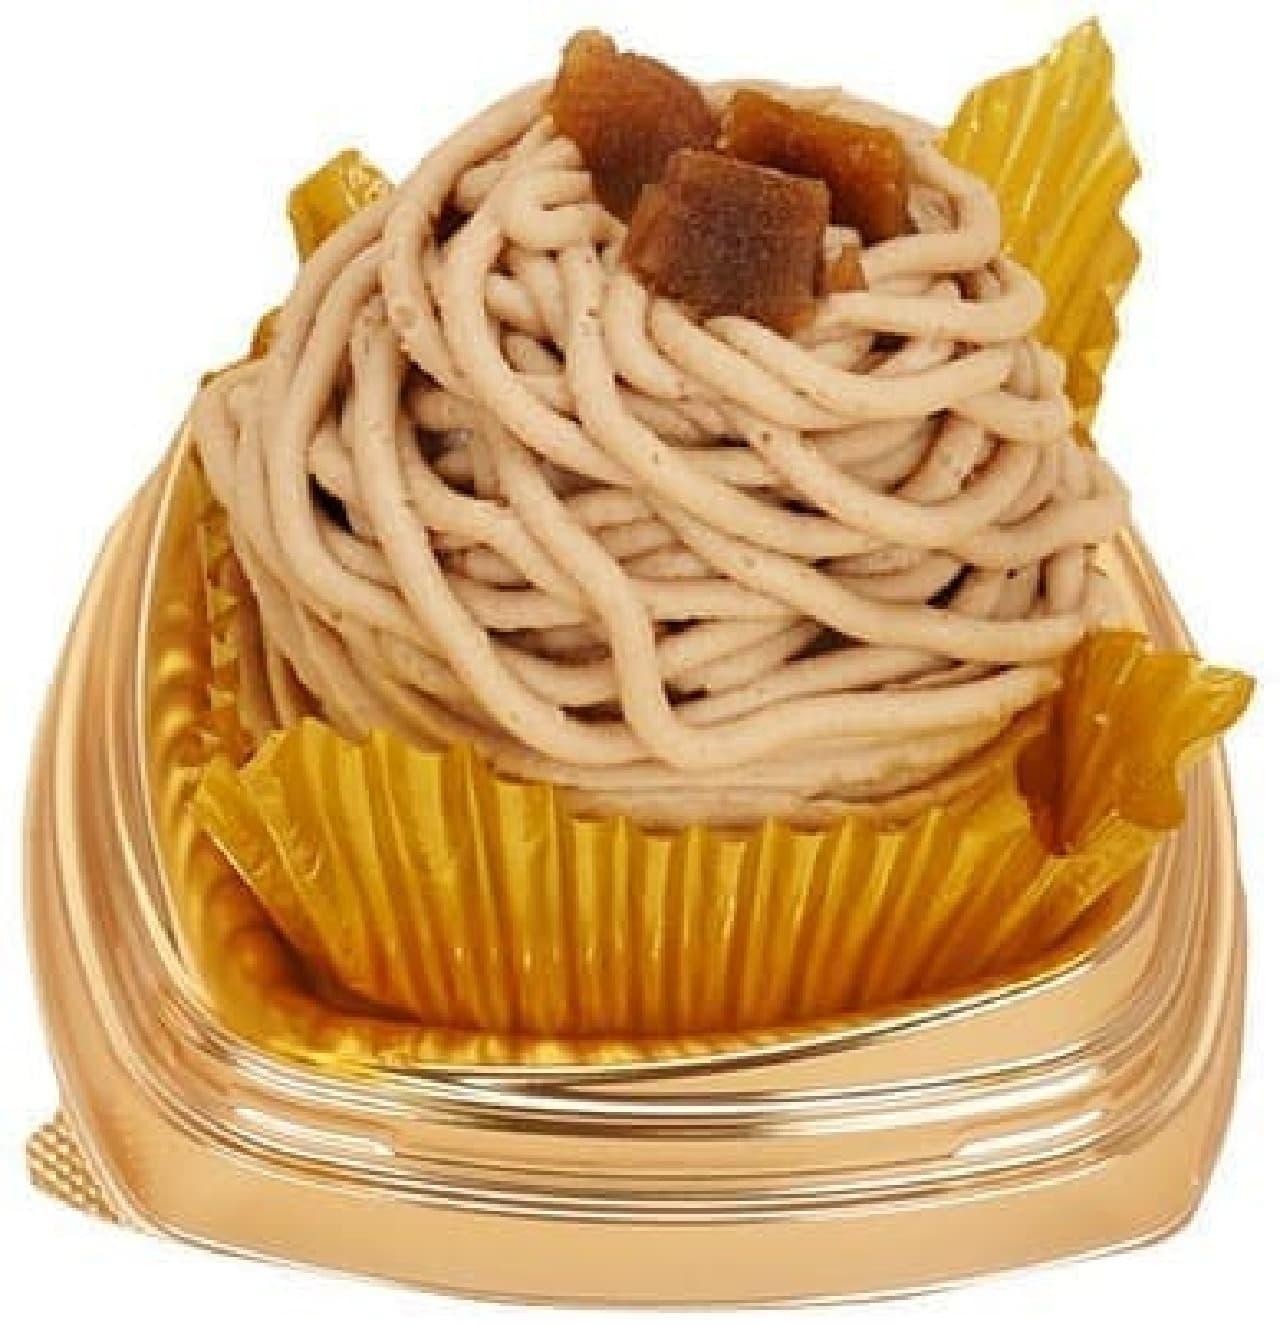 ファミリーマート「栗を味わうモンブラン」